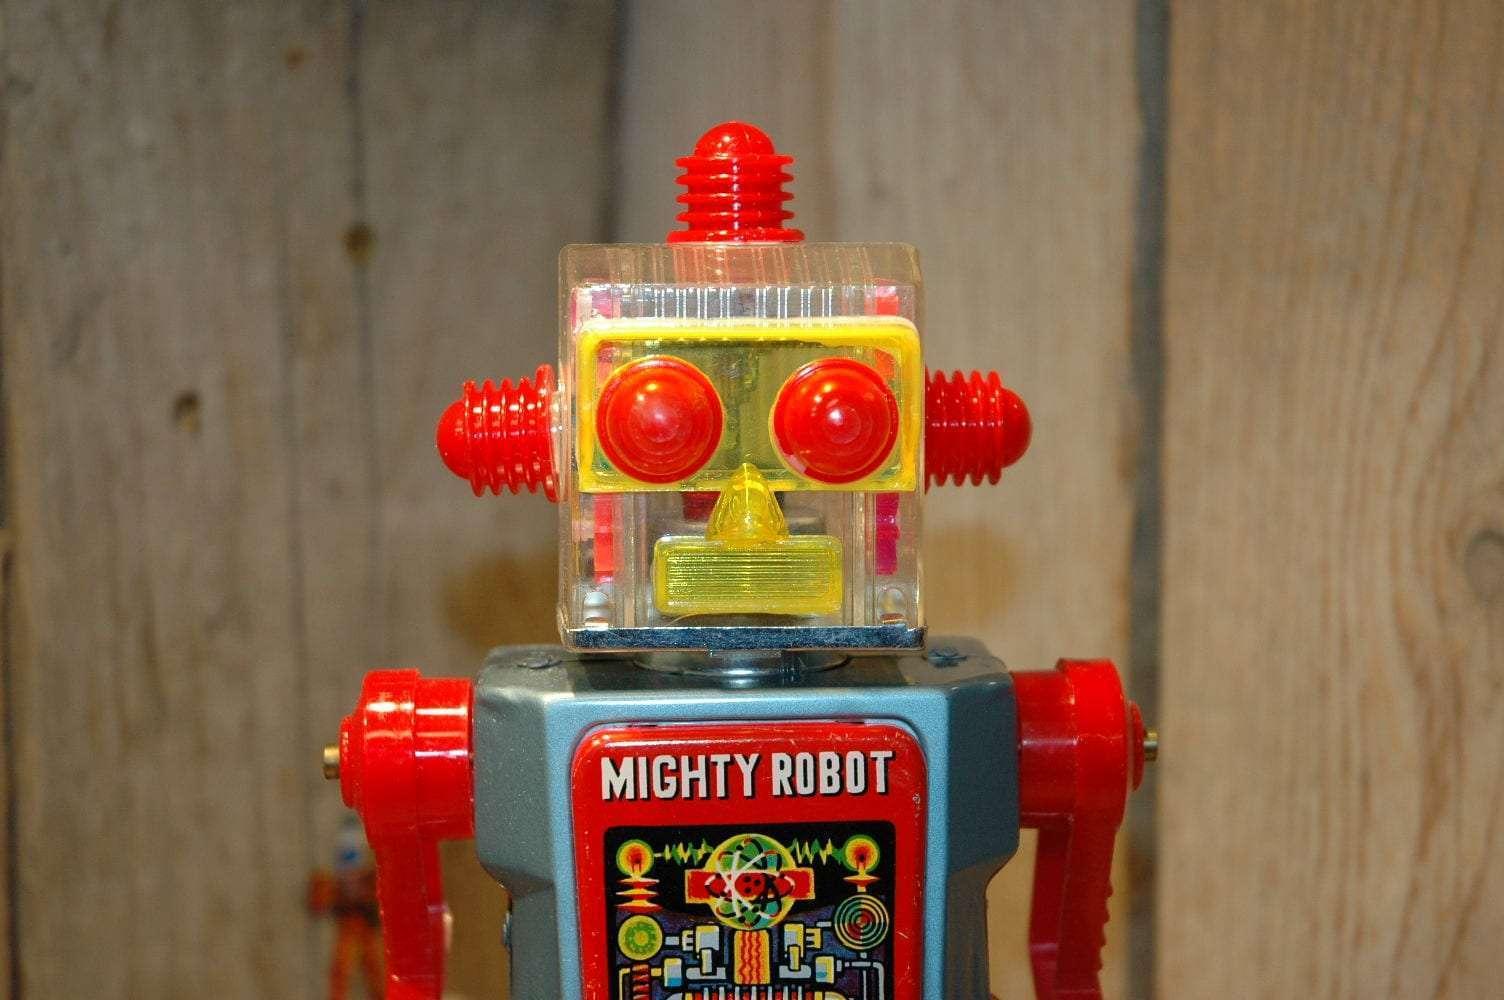 yoshiya - Mighty Robot